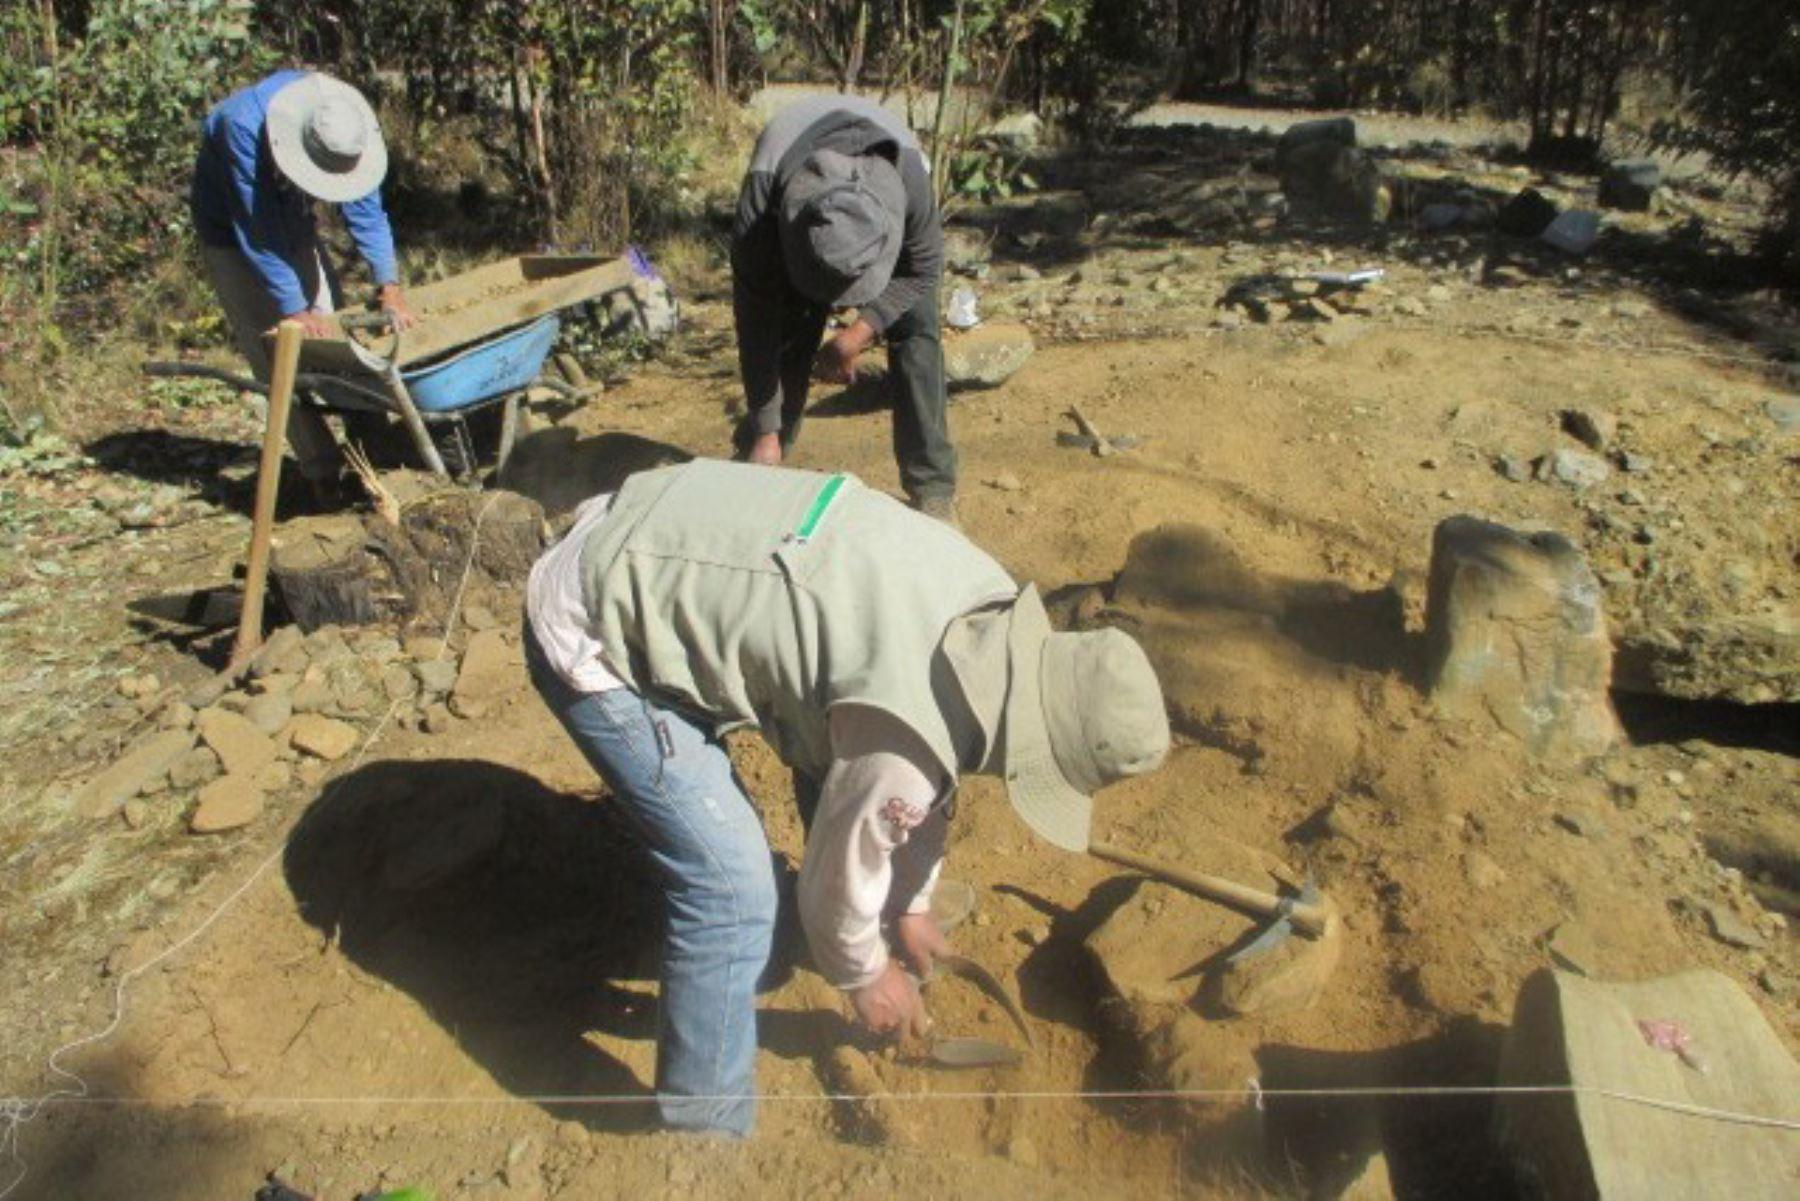 Descubren evidencias arqueológicas de la cultura Recuay en el distrito de Cátac, en la sierra de Áncash. Foto: Proyecto de Investigación Arqueológica Cruz Punta